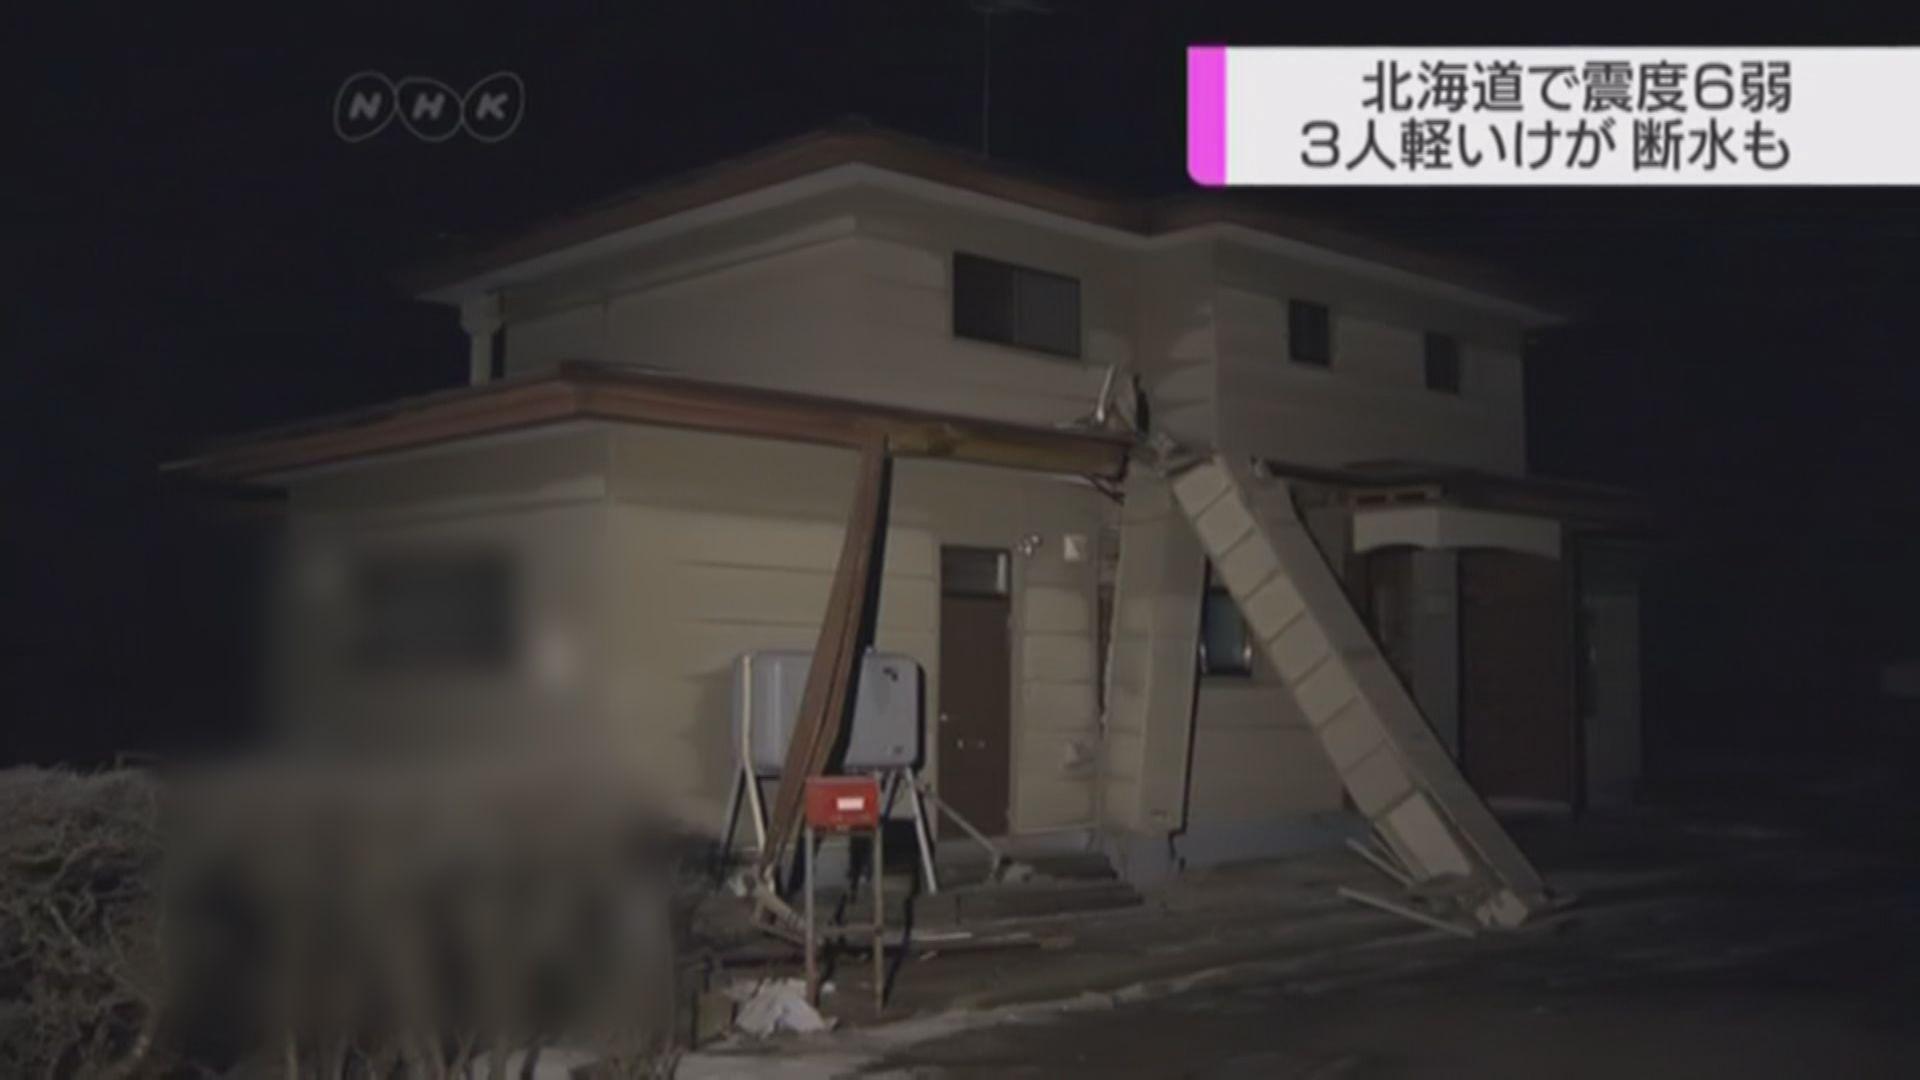 北海道5.8級地震三人受傷